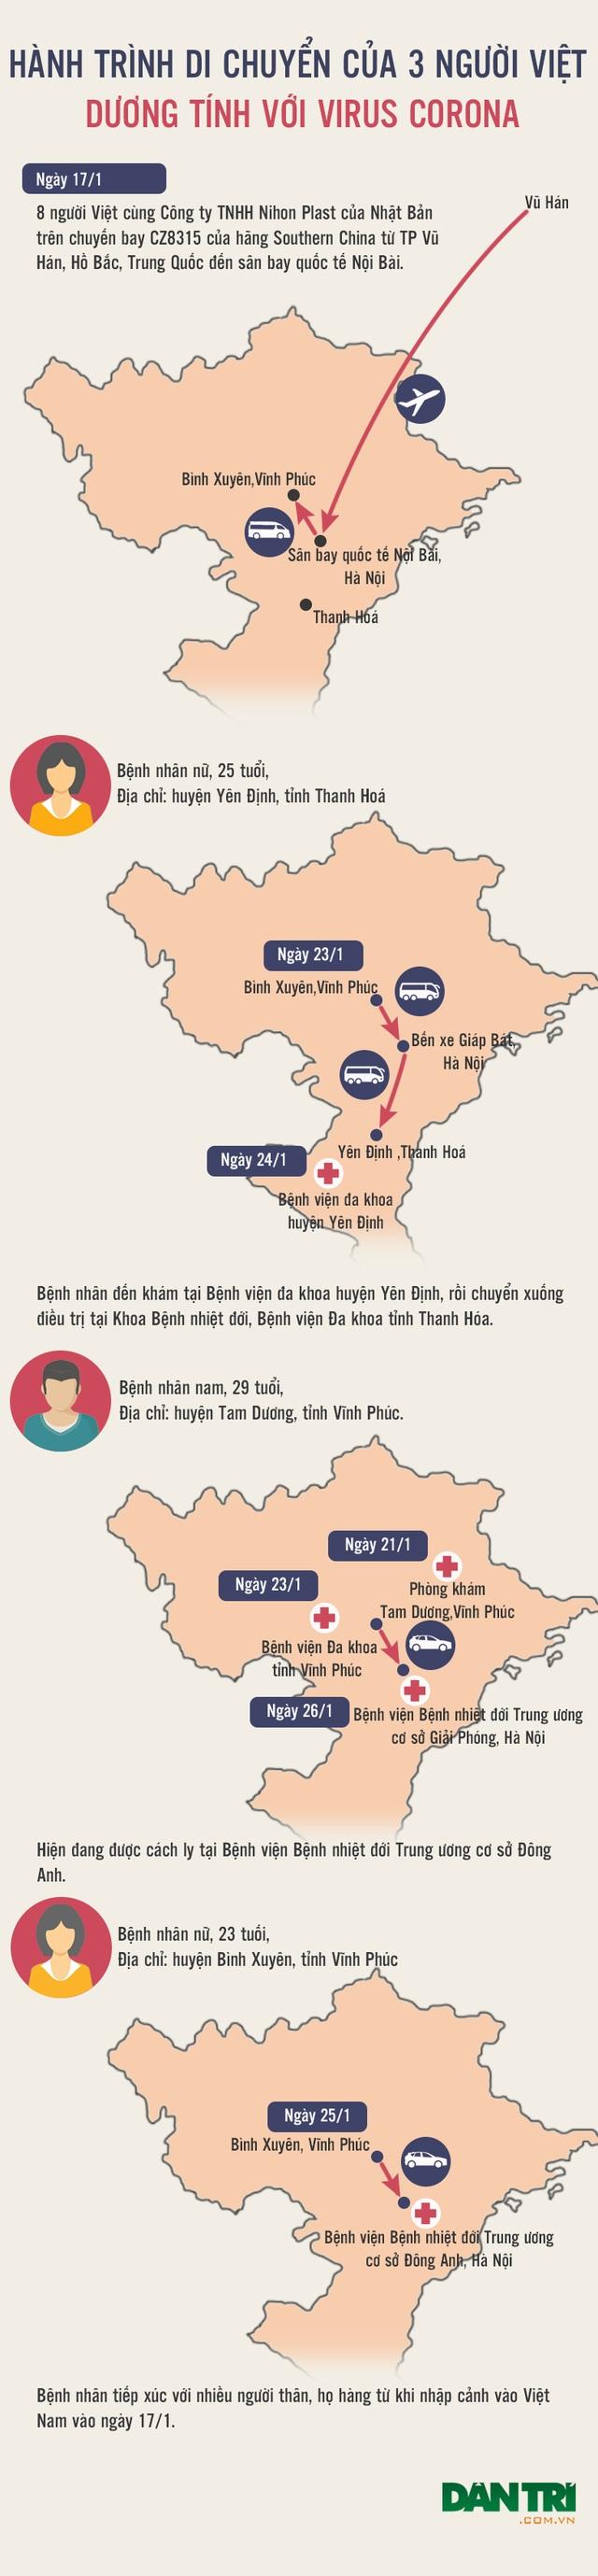 Ca nhiễm virus corona thứ 8 tại Việt Nam trở về nước trên cùng chuyến bay với chùm 3 bệnh nhân - 1